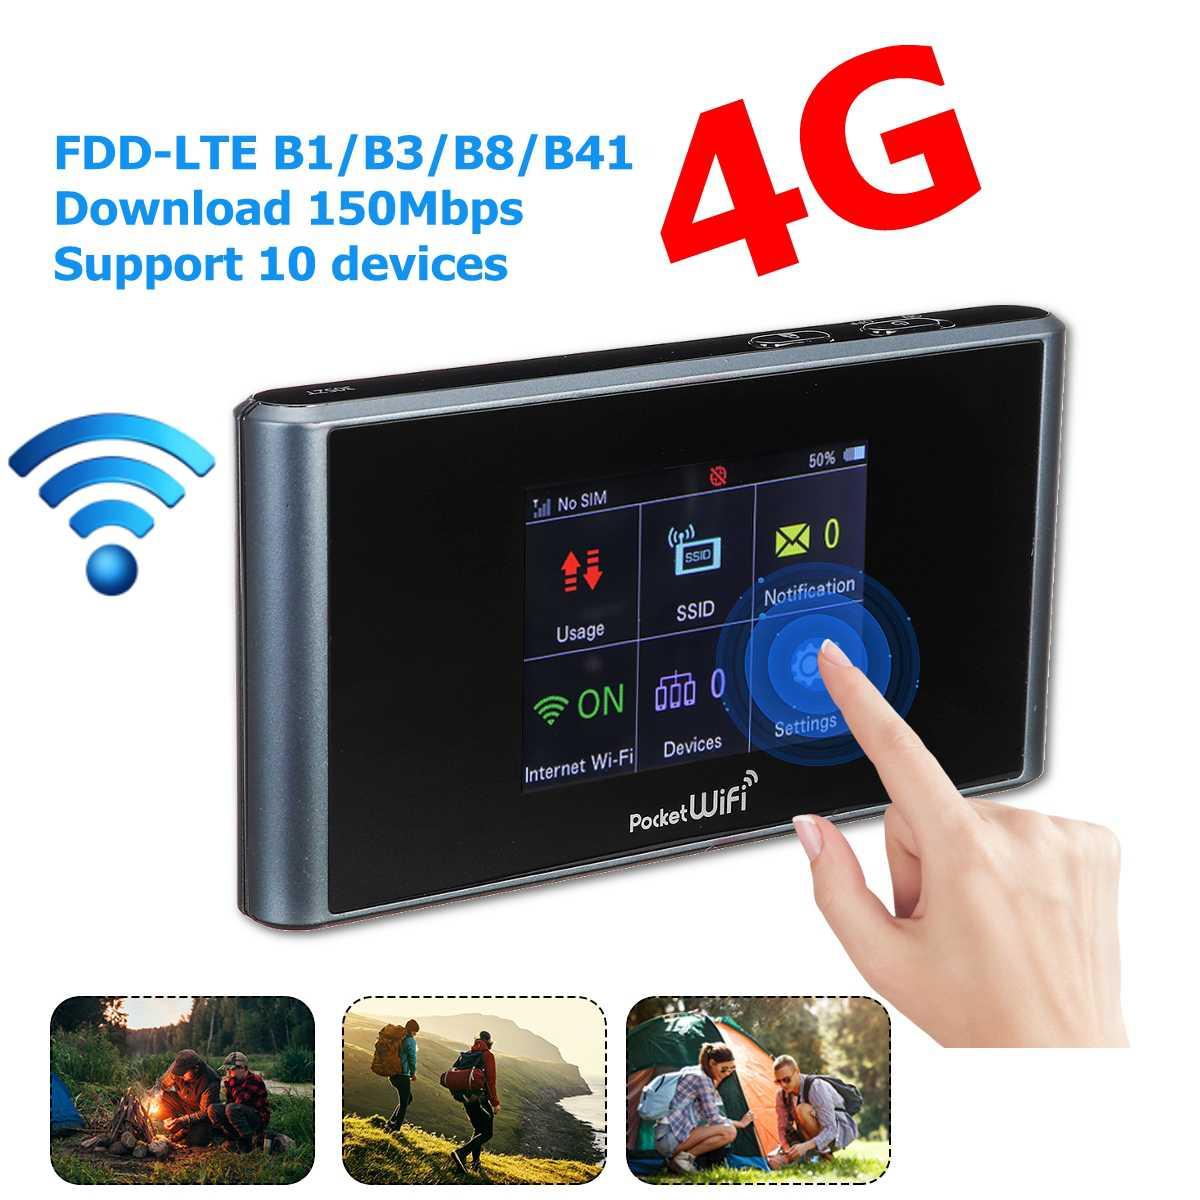 Routeur sans fil Portable Lte 4g Wifi routeur sans fil Hotspot prise en charge de la carte SIM Modem 150 Mbps pour le bureau à domicile